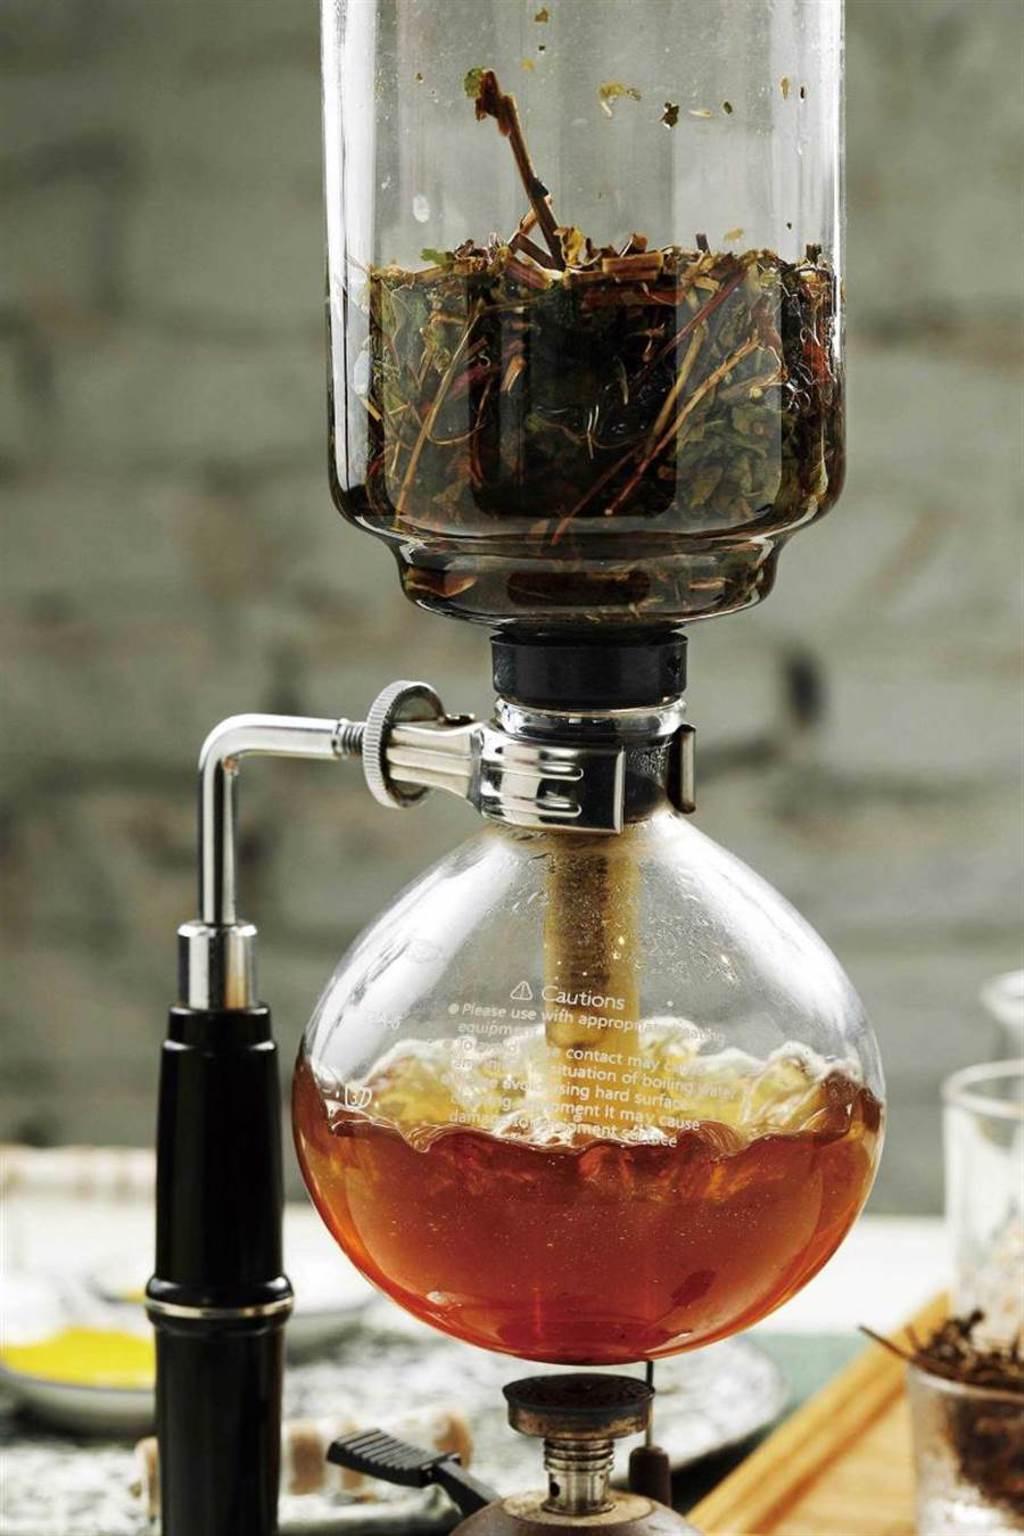 獨特的虹吸壺沖茶法,只萃取茶香跟保健效果,沒有苦澀味。(圖/于魯光攝)